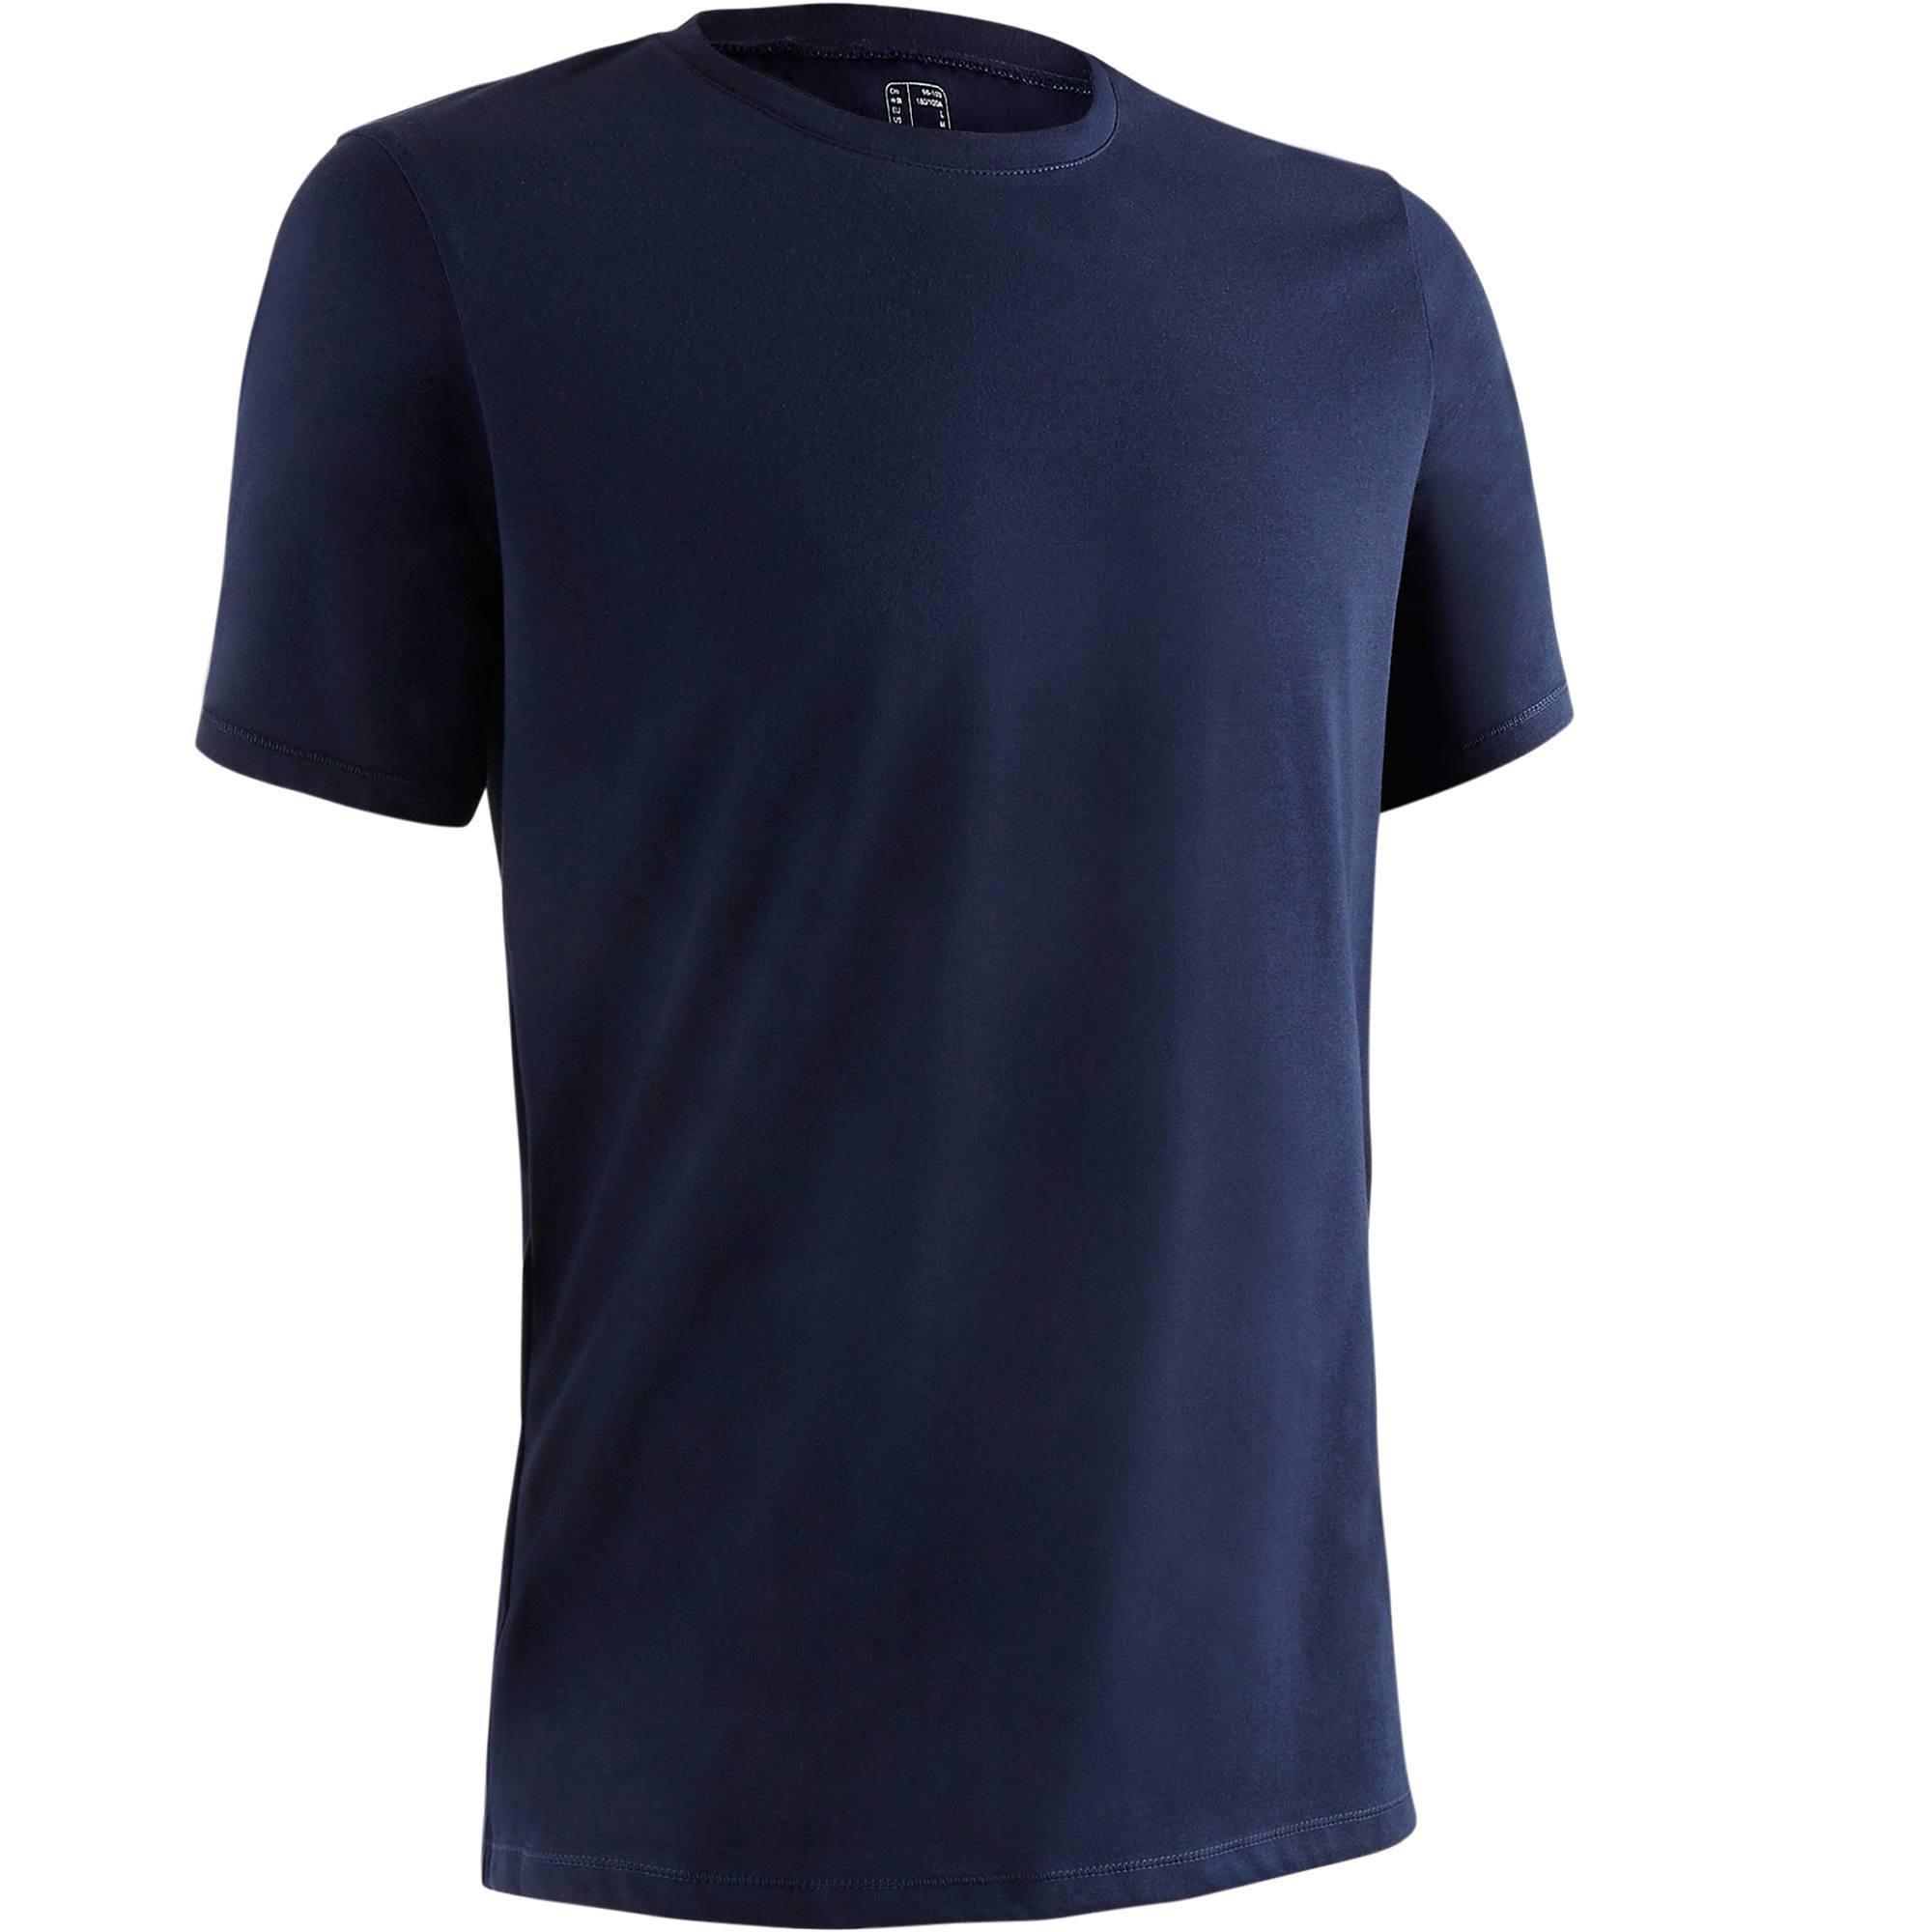 T-shirt 500 regular Pilates Gym douce homme bleu marine